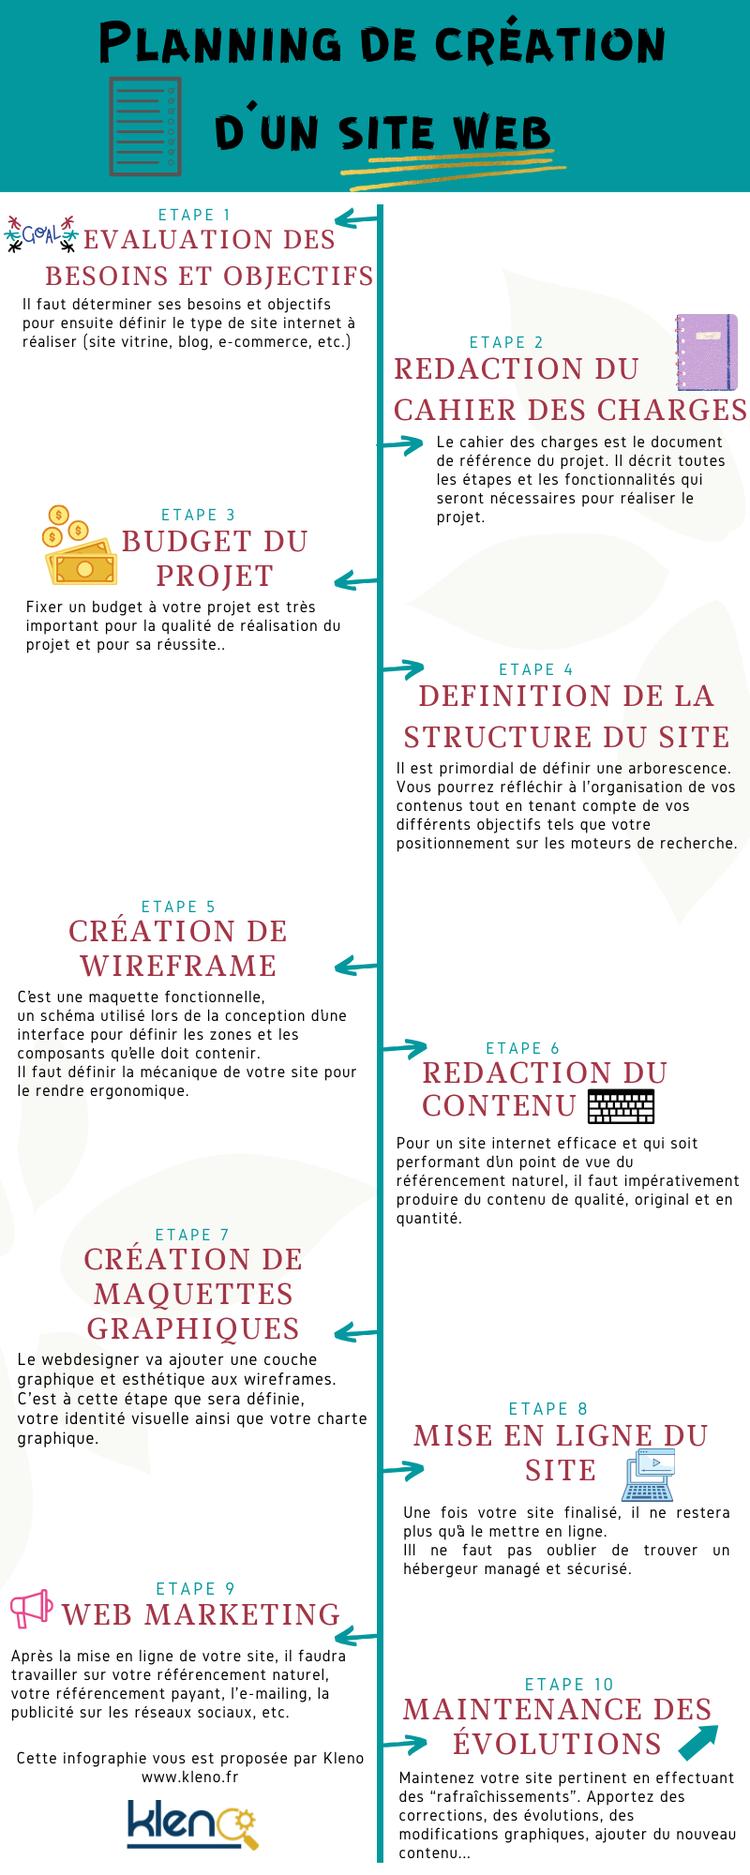 Les étapes pour créer un site web dynamique